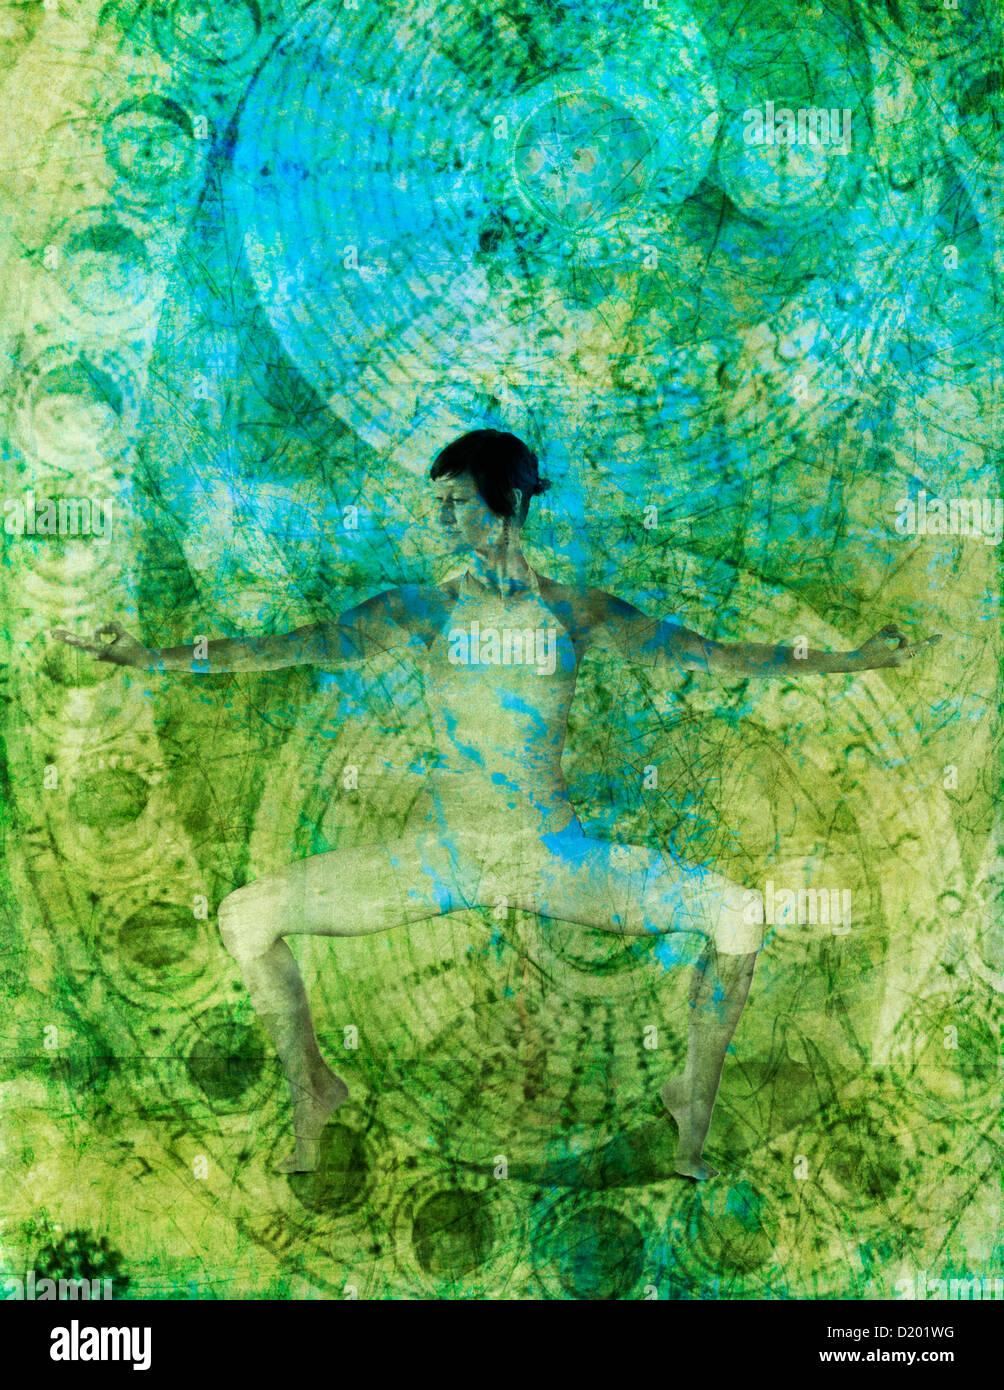 Eine Frau in Yoga Posewith Yoga Mudra. Foto-Illustration mit alchemistischen Strömungsmuster überlagert. Stockbild